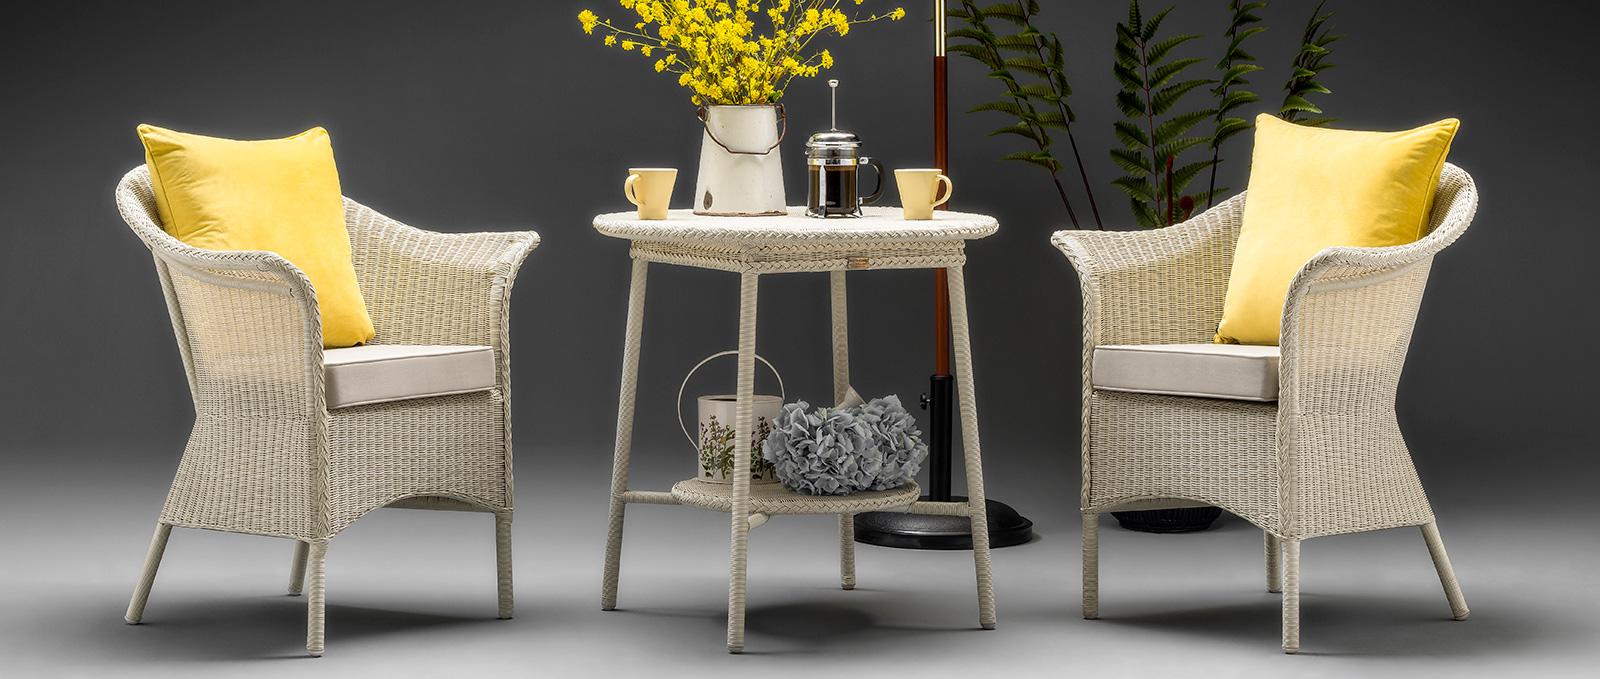 Lloyd Loom Furniture Outdoor Range - Blenheim Range - Crisp Linen